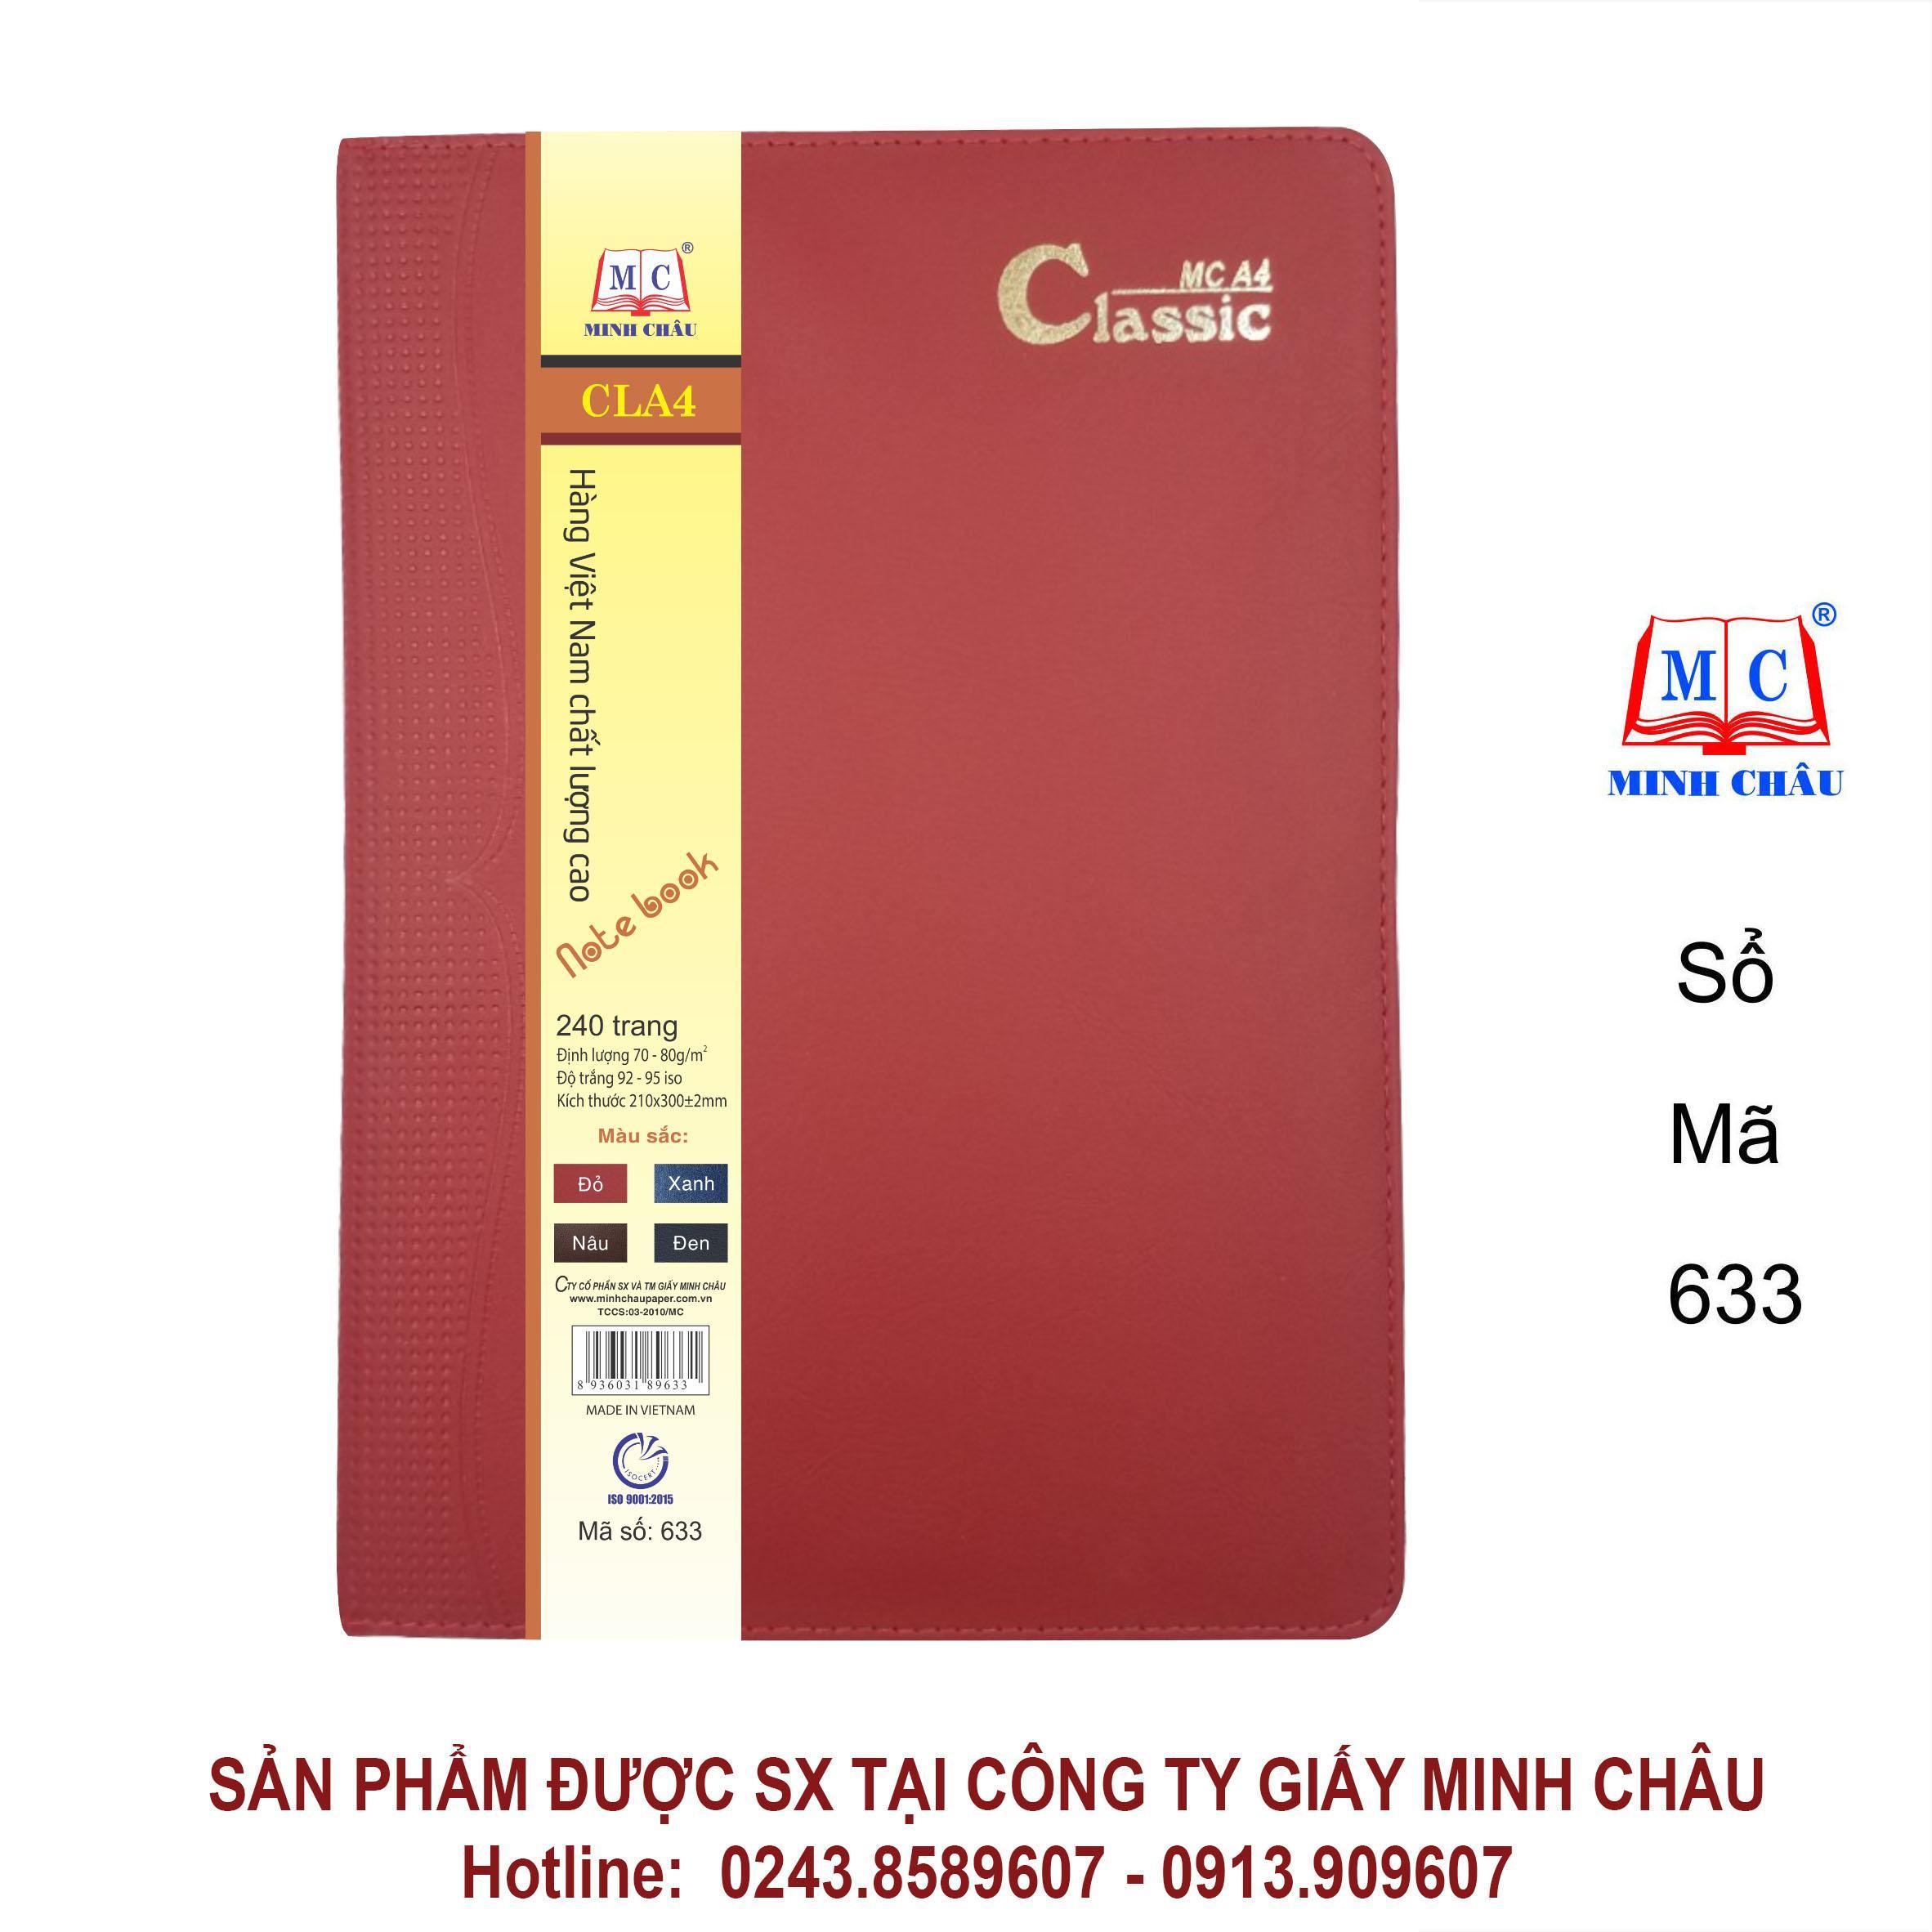 Sổ Classic A4, màu đỏ mận, đủ số trang